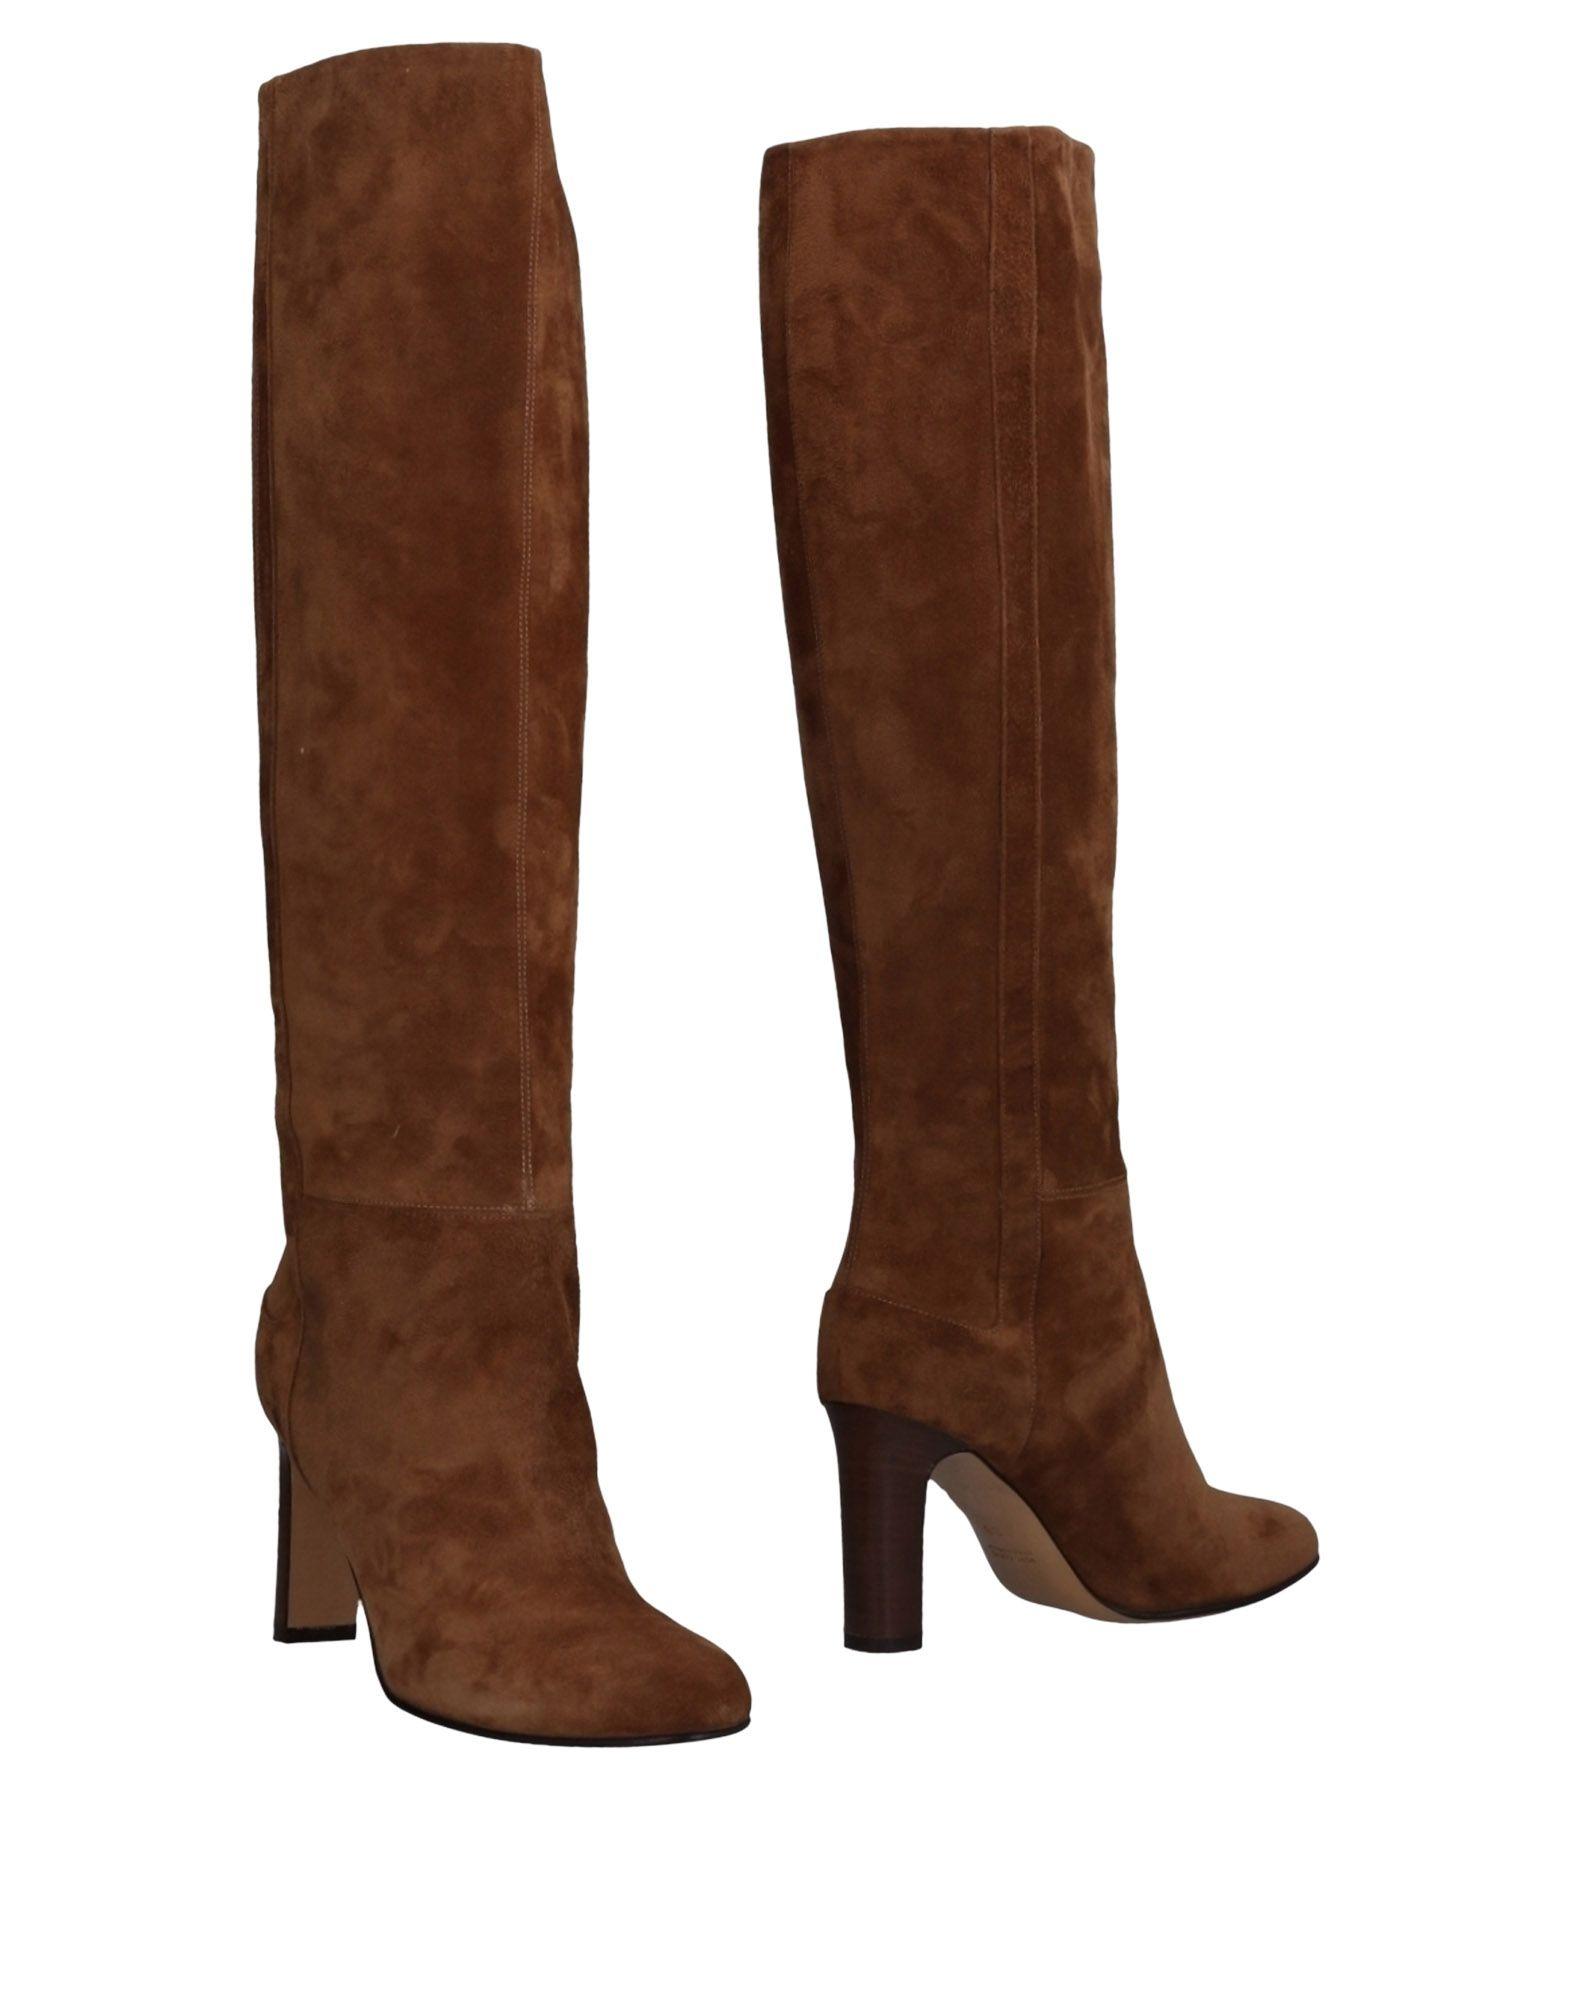 Michel Vivien Stiefel Damen aussehende  11473742RHGünstige gut aussehende Damen Schuhe 6c6fec